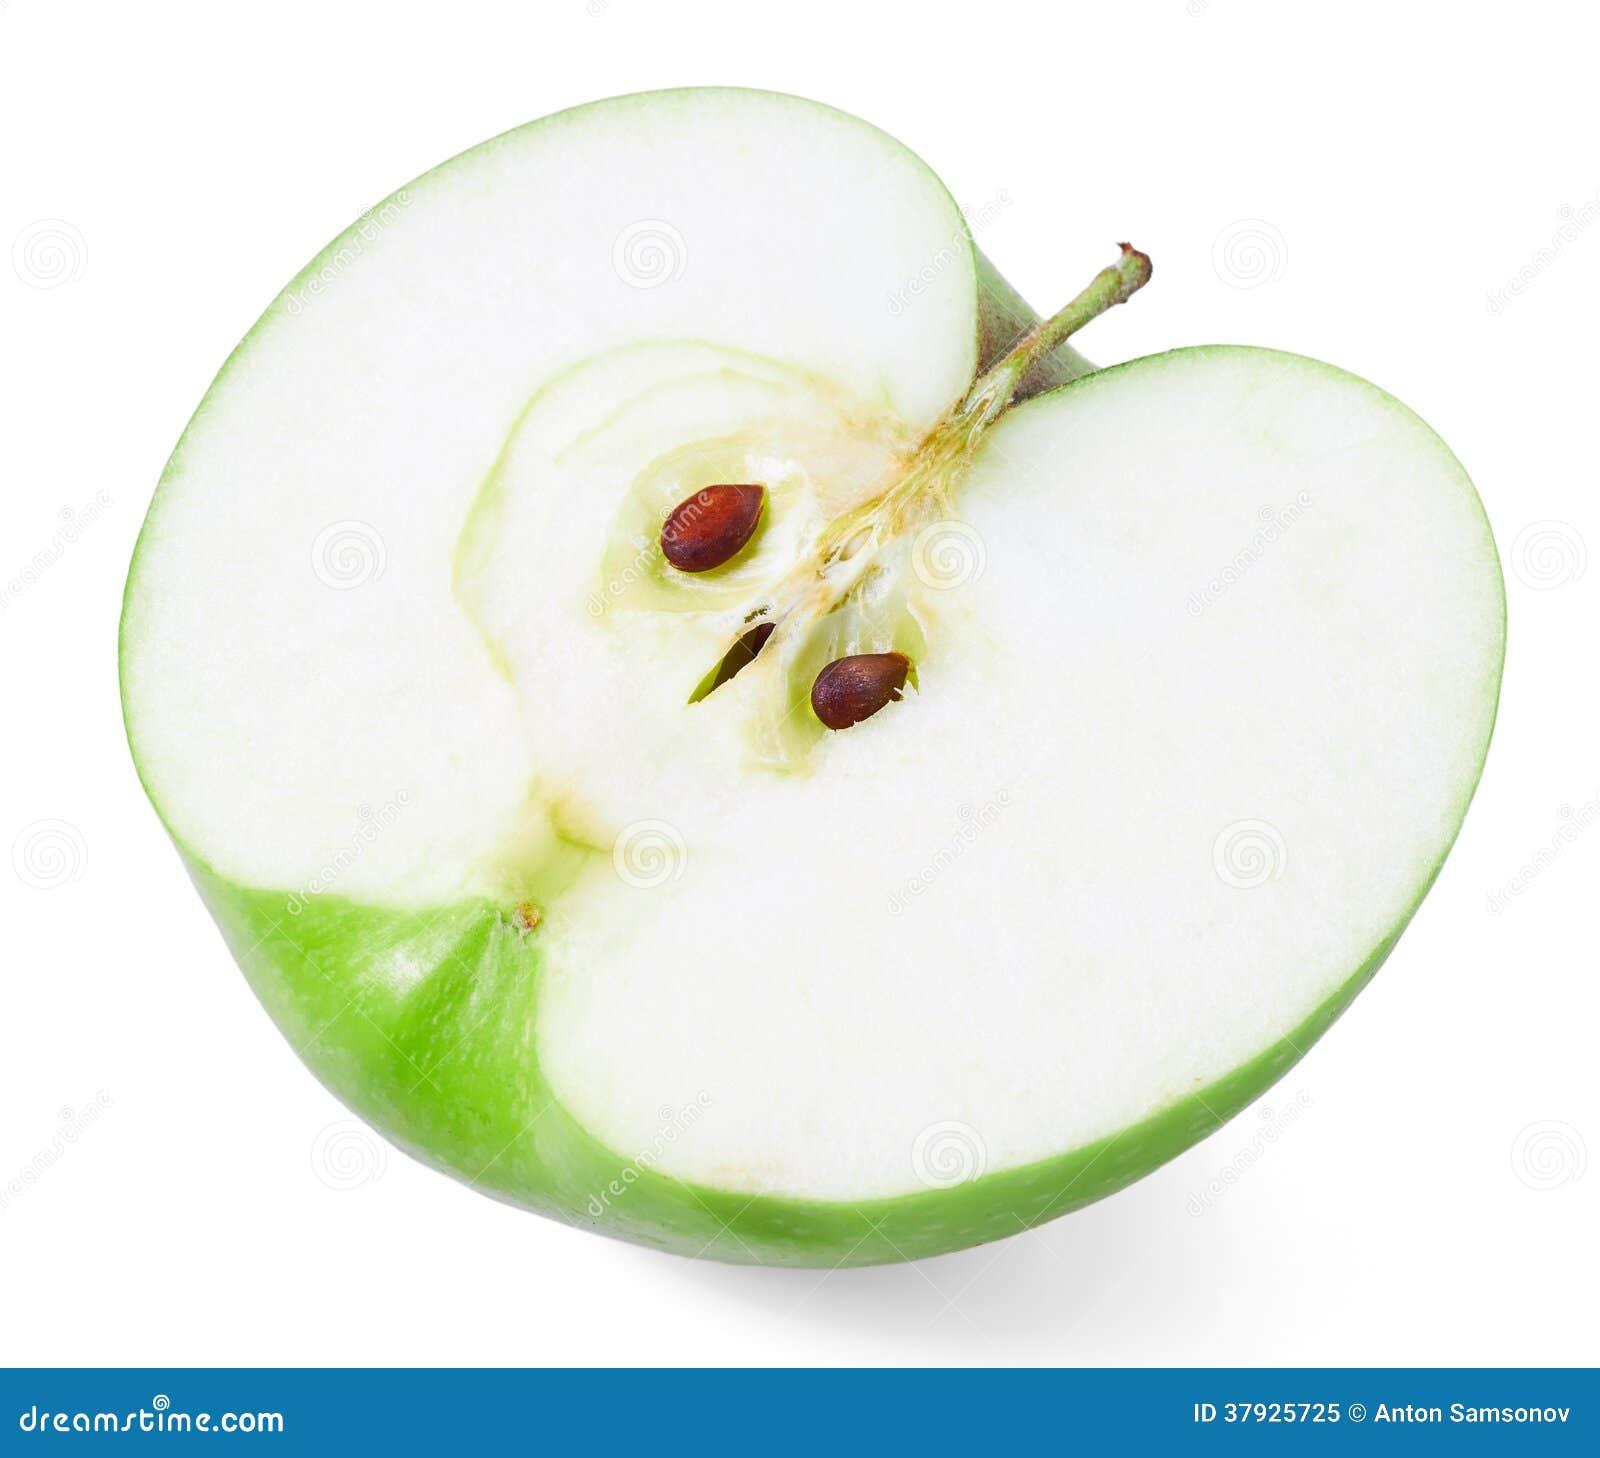 Κατά το ήμισυ πράσινο μήλο